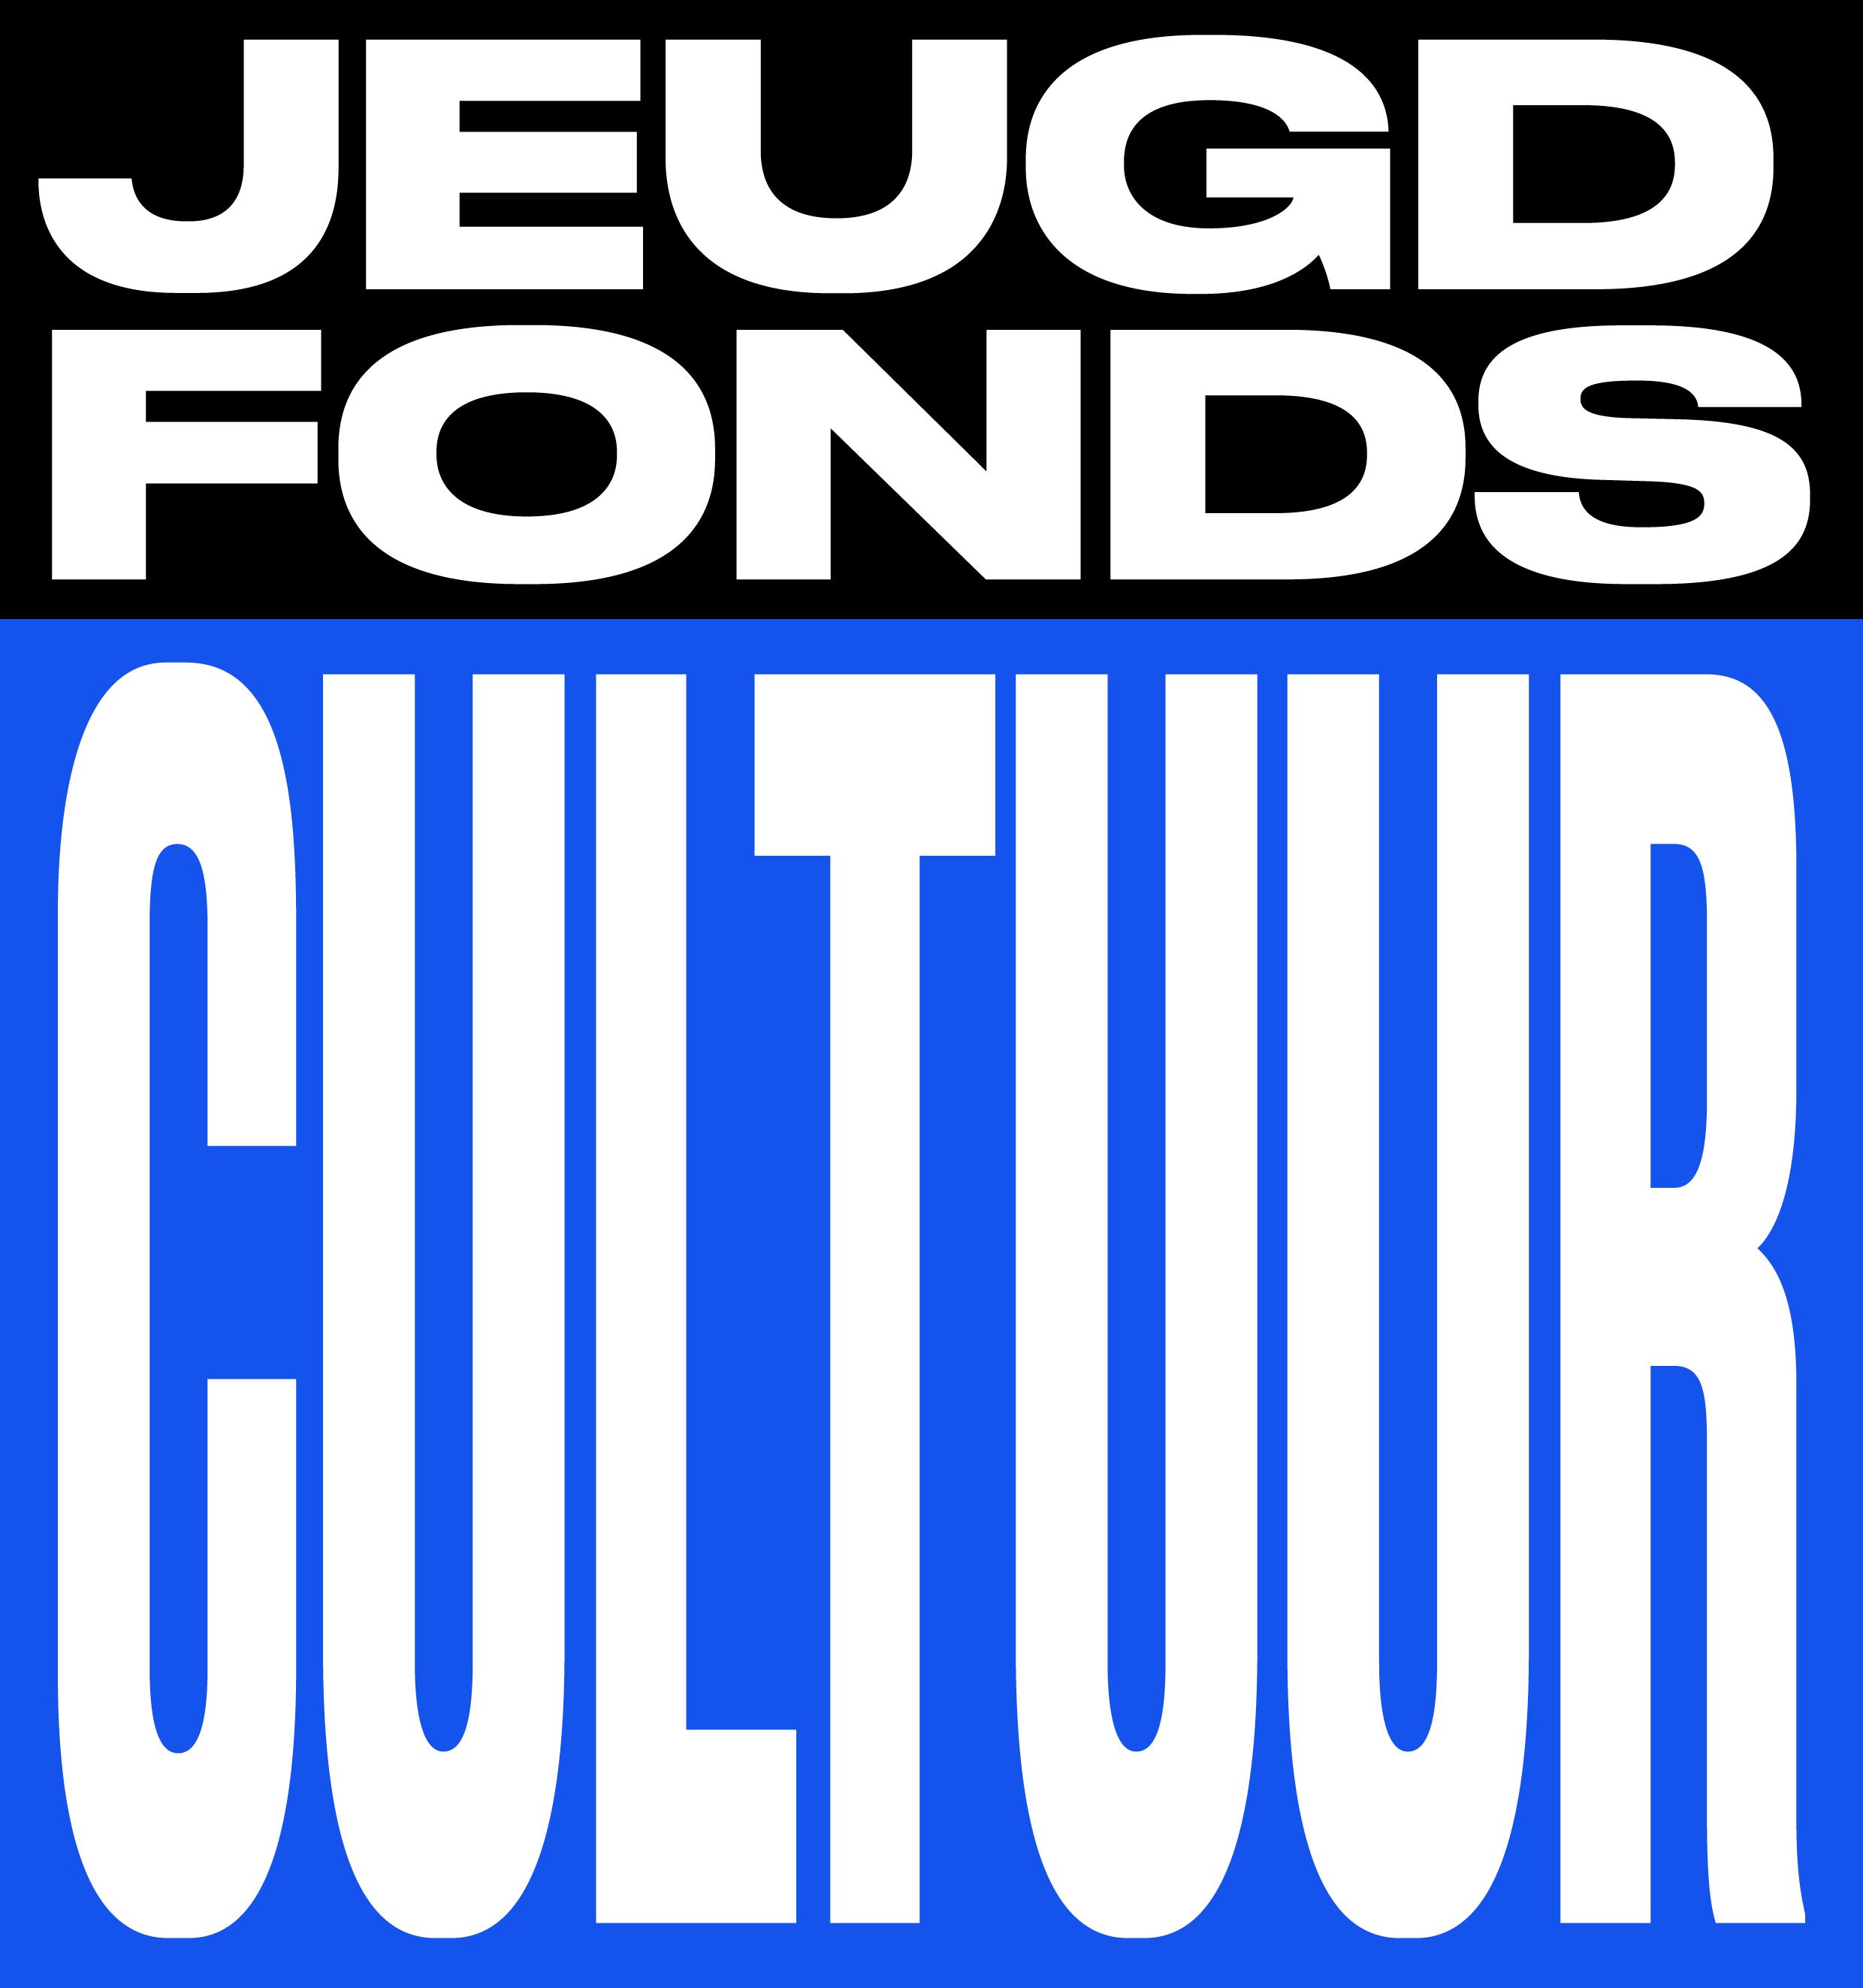 Logo Jeugd Cultuur Fonds